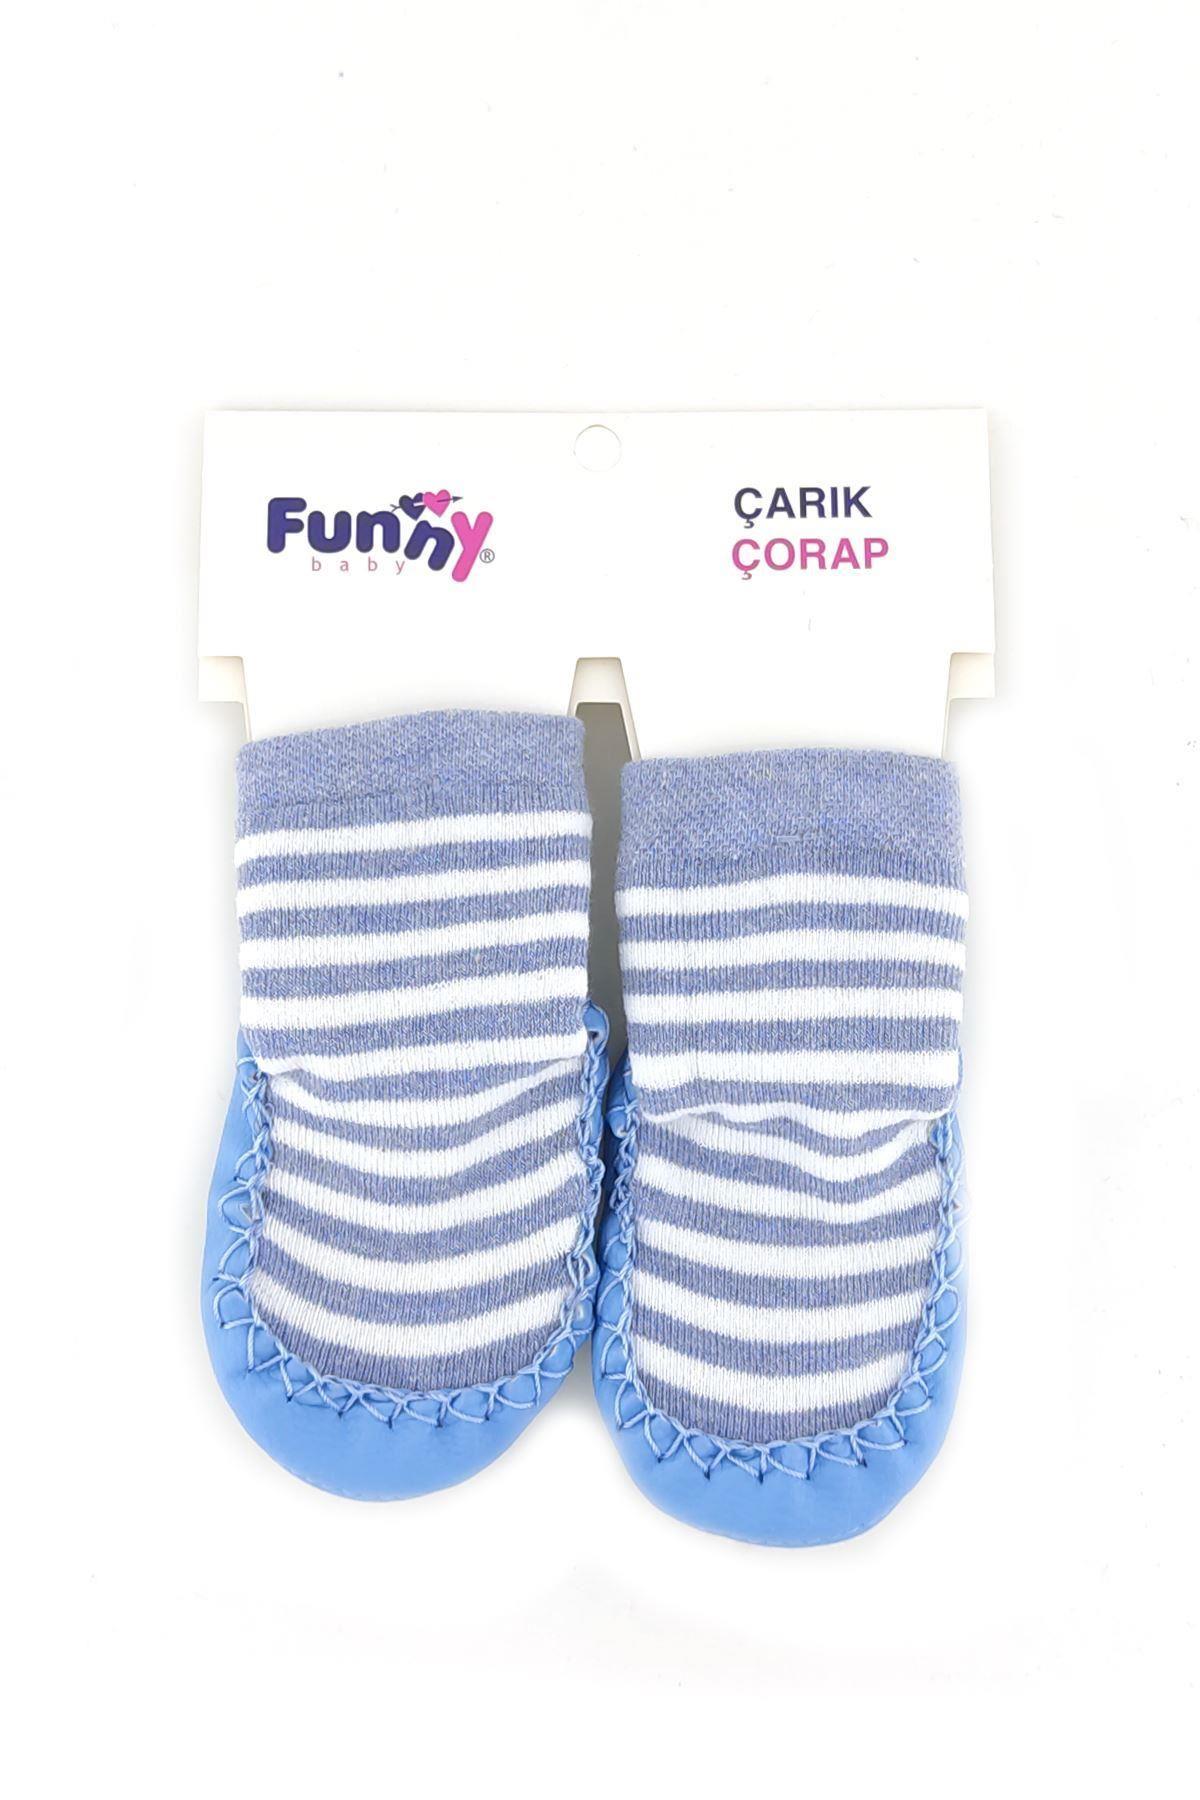 Funny Baby Çarık Çorap 2525 Mavi